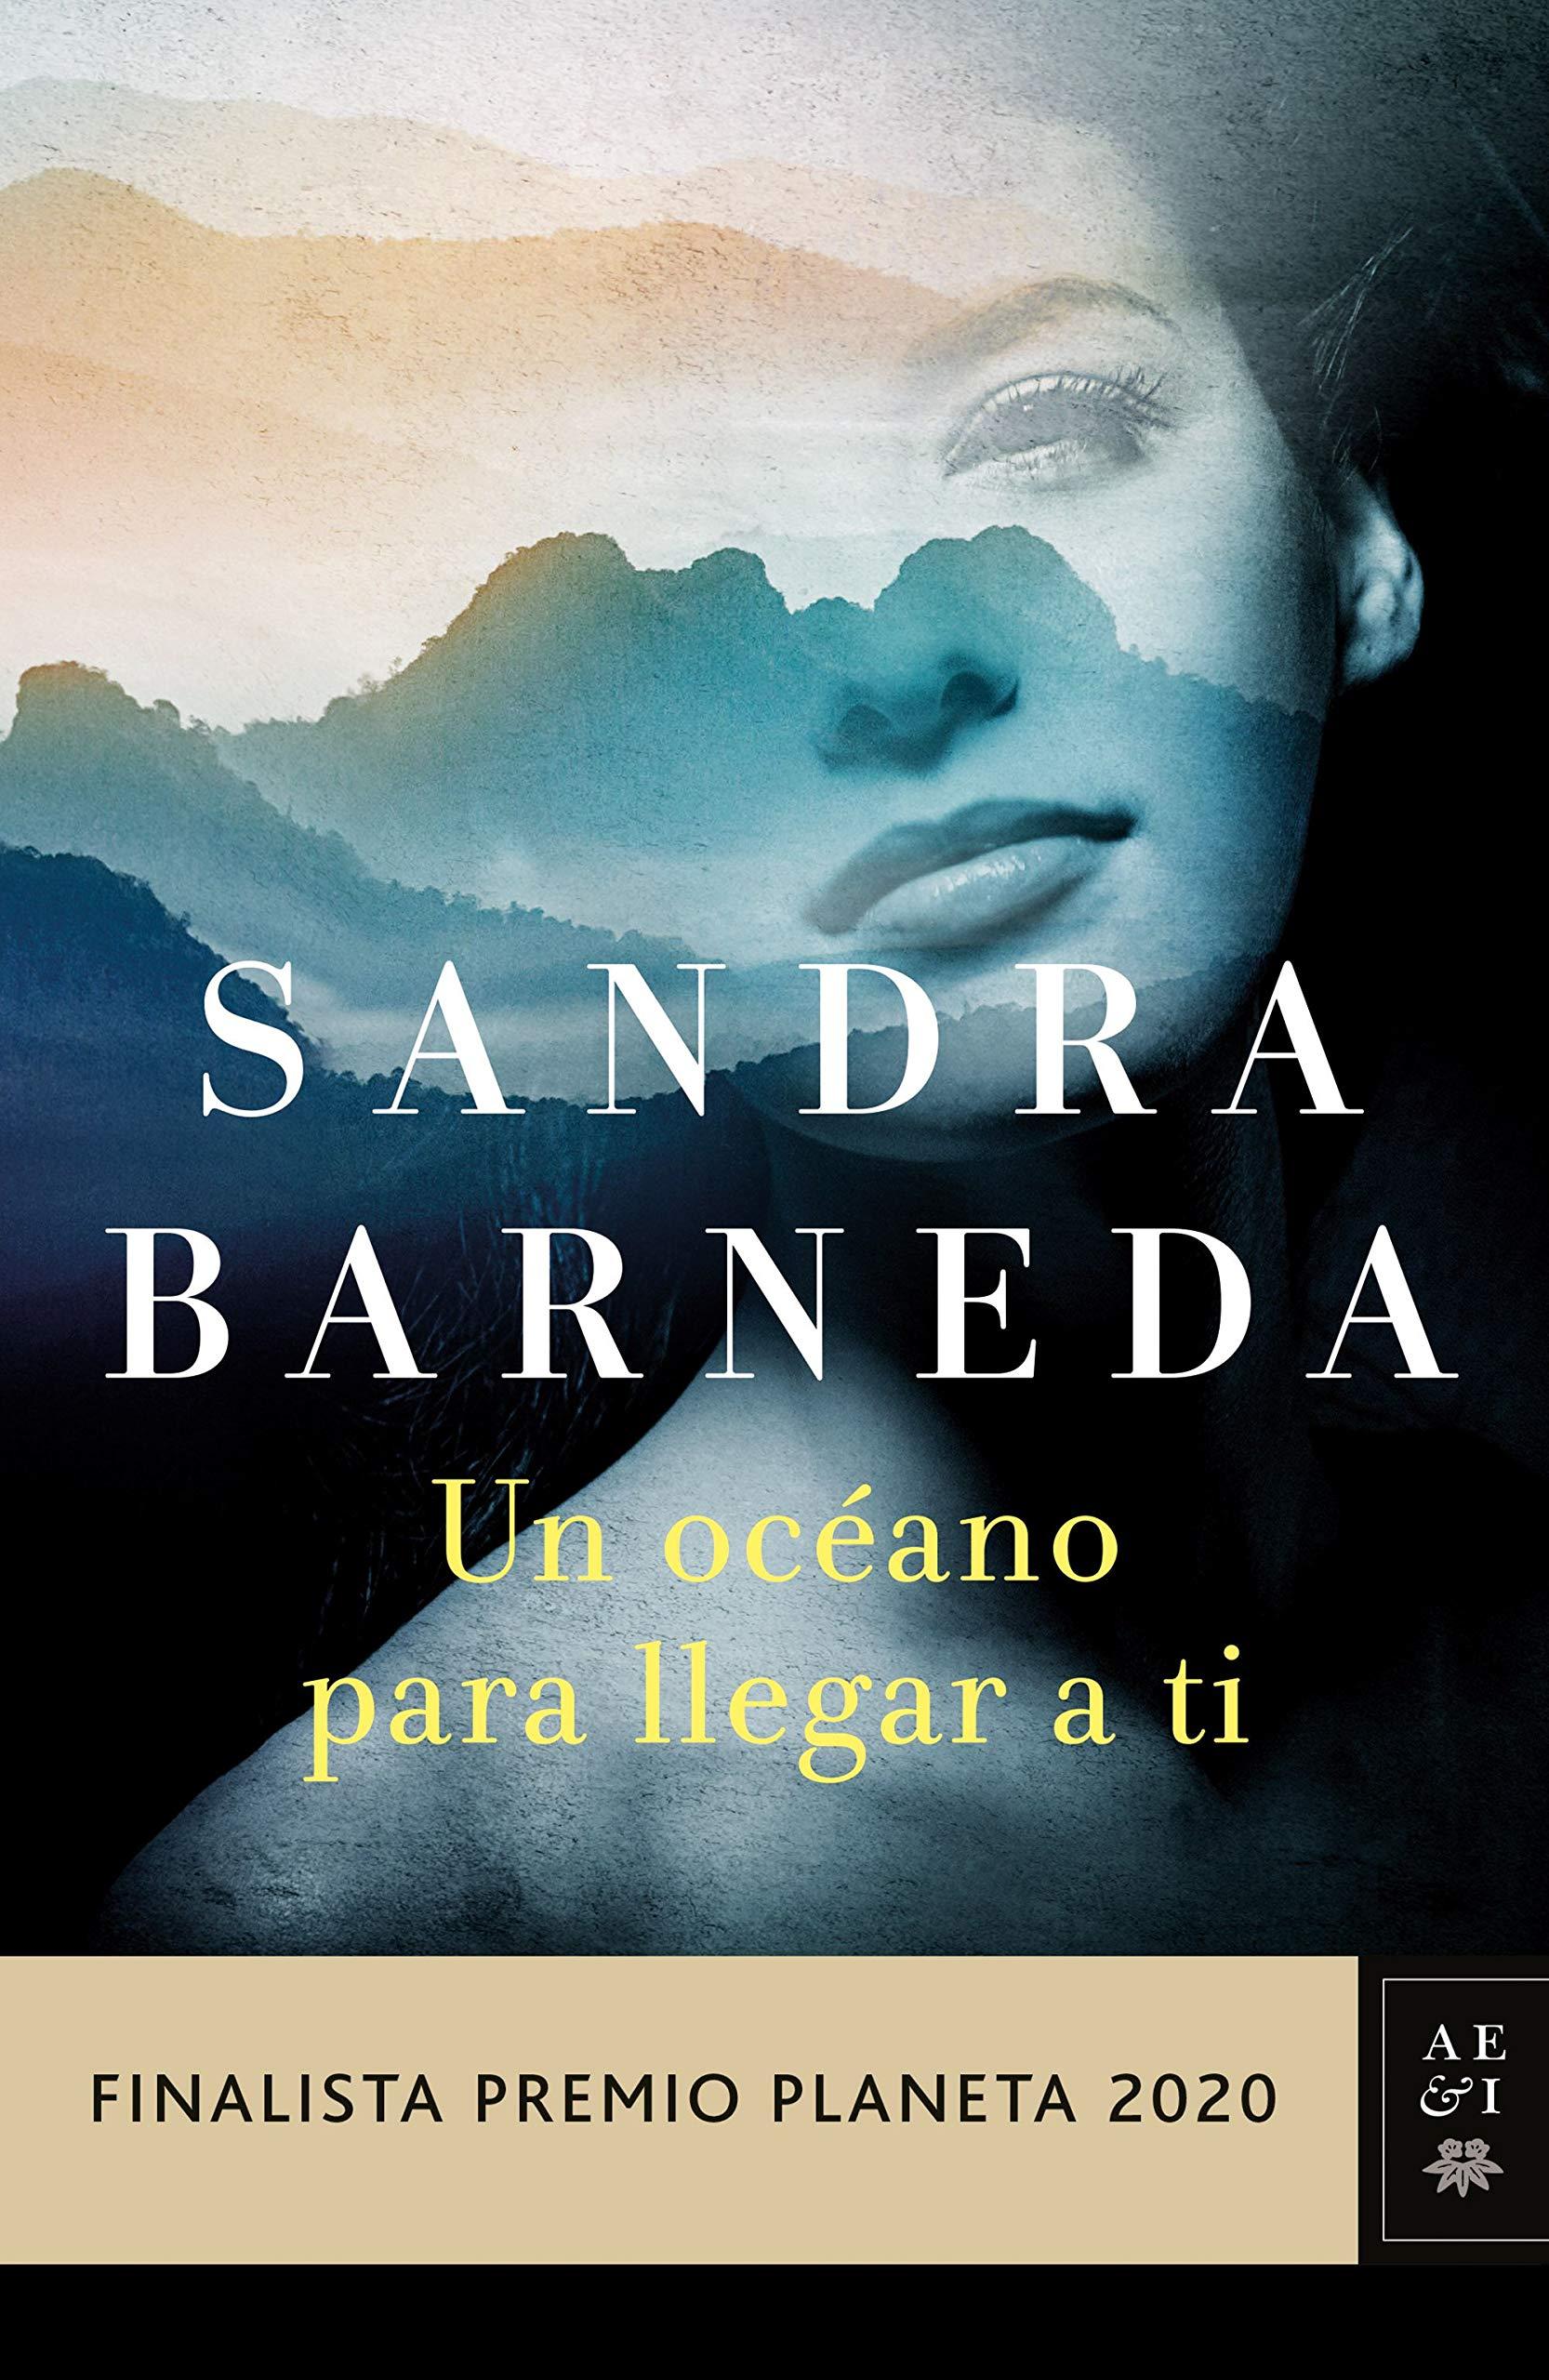 Los 5 Mejores Libros Y Más Vendidos Del Corte Inglés - Un Océano Para Llegar A Ti - Sandra Barneda